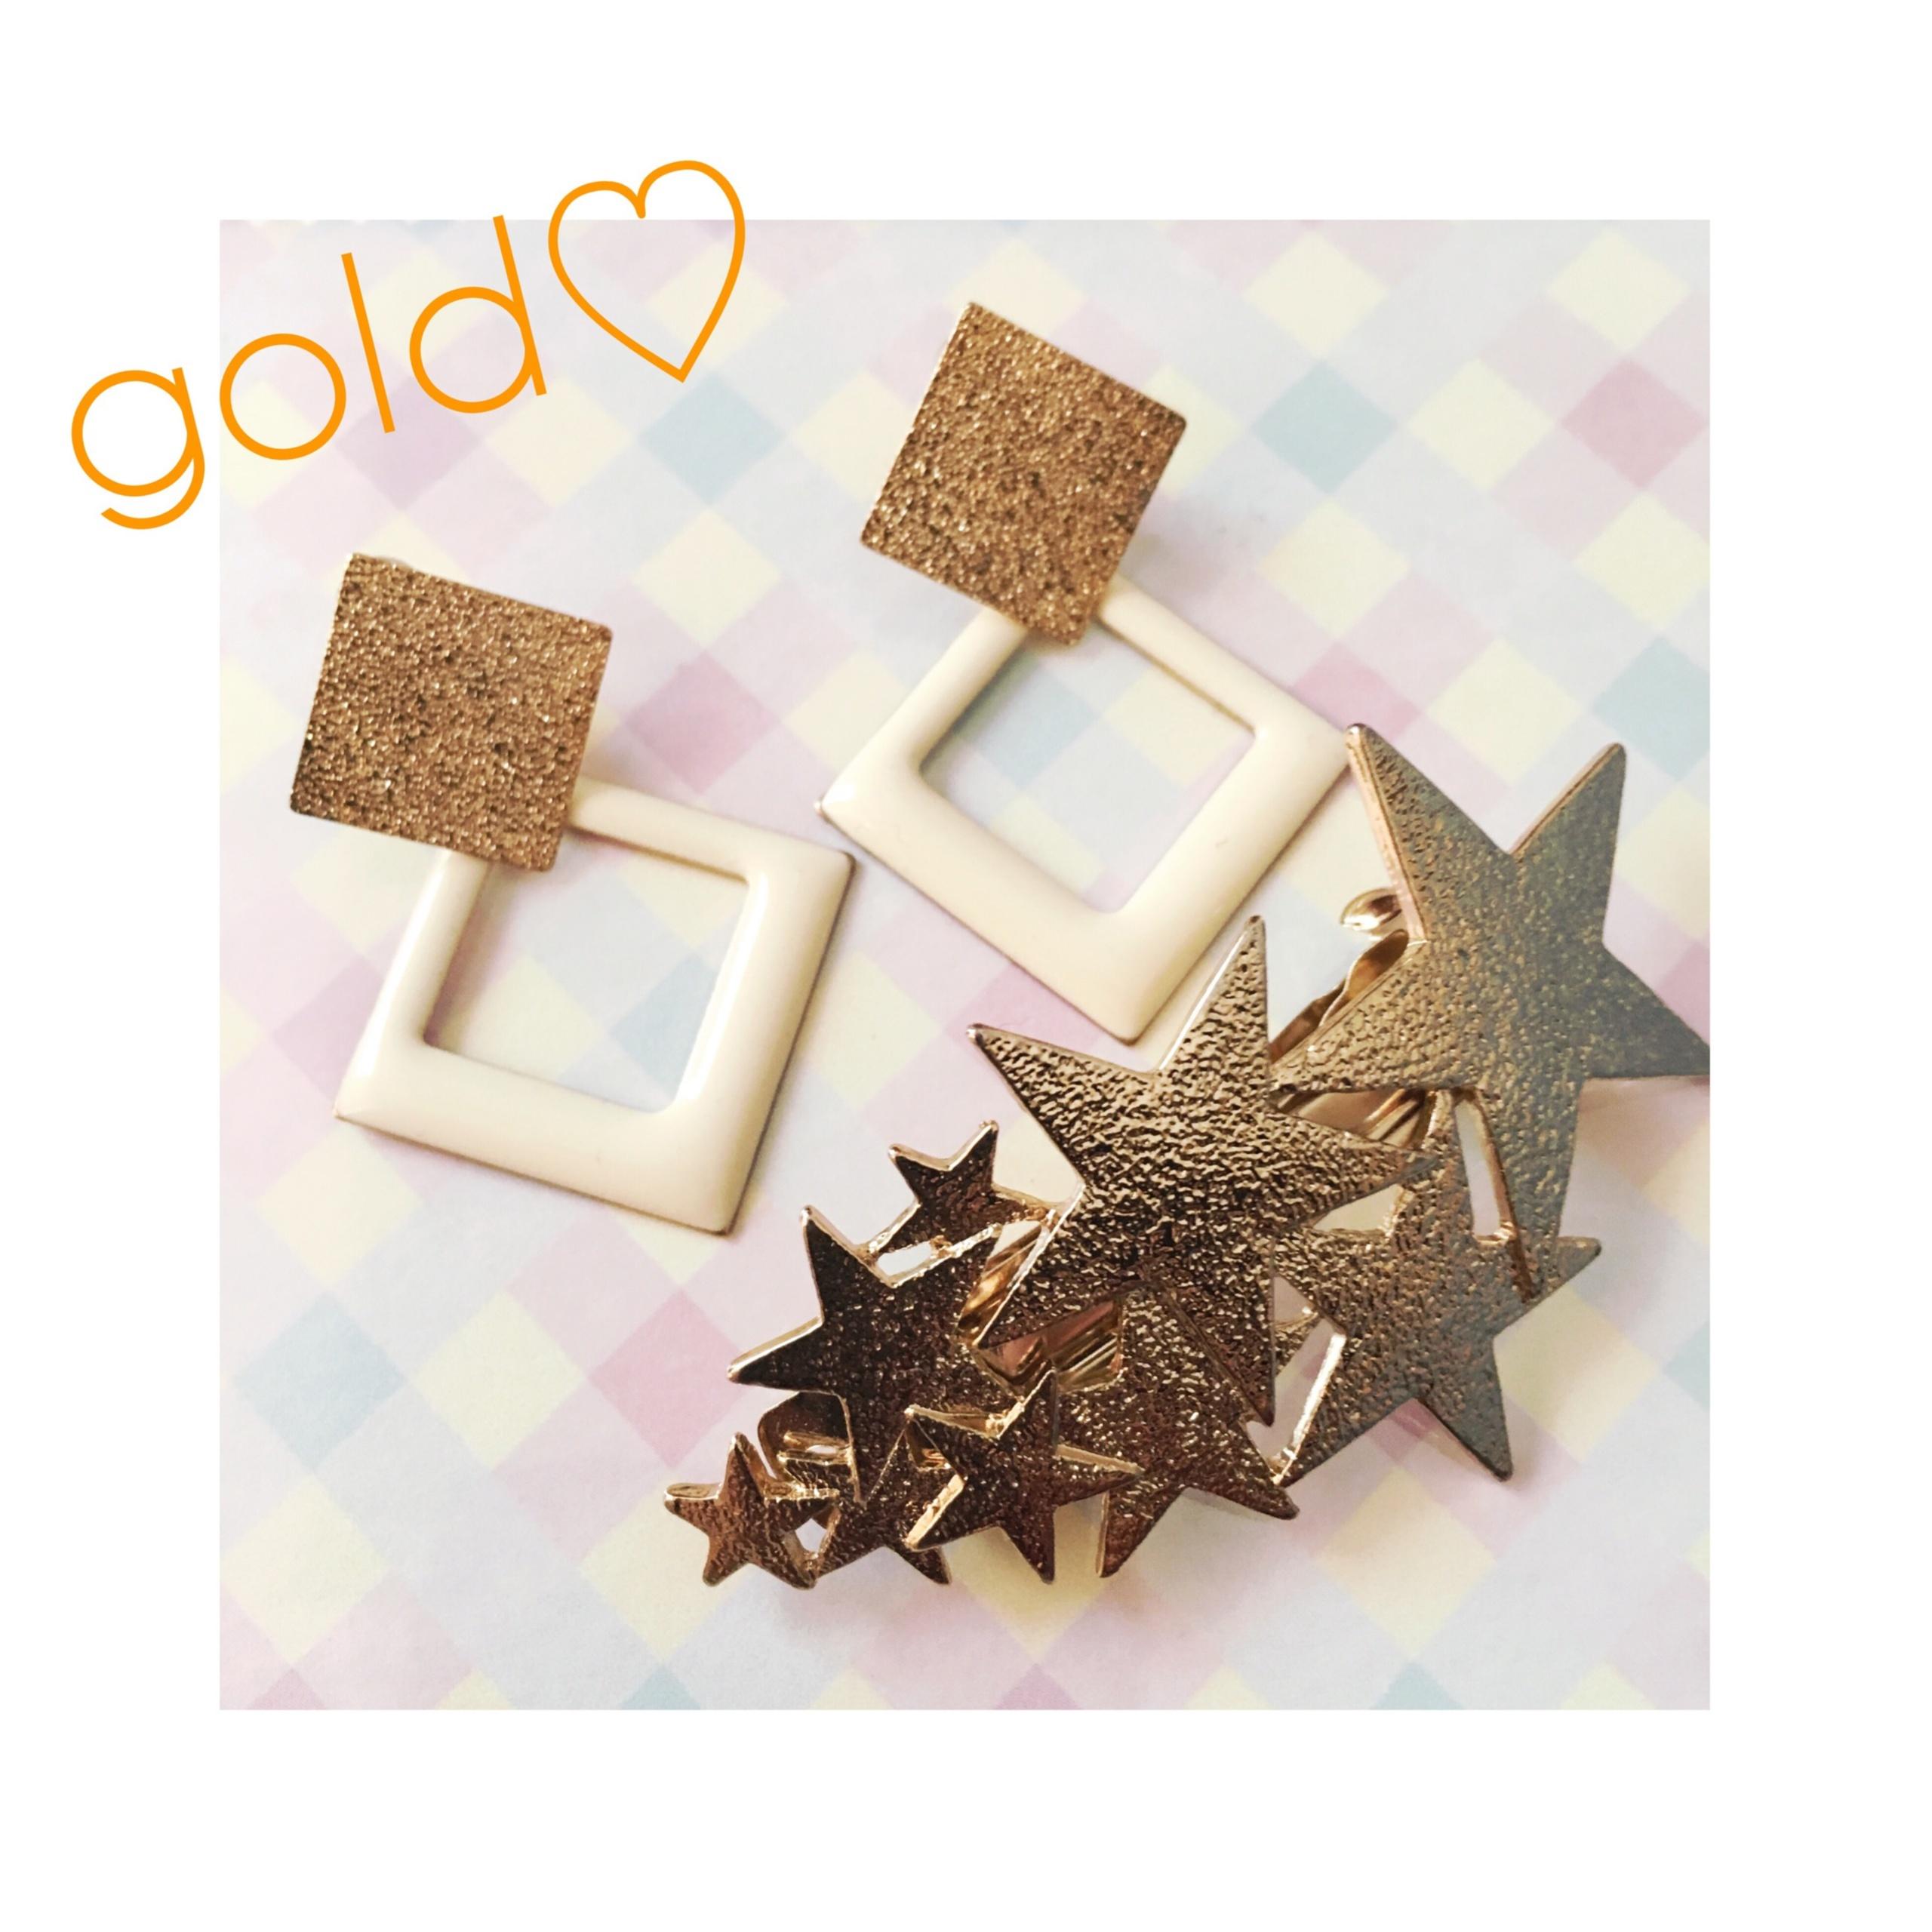 【3COINS】シンプル服にはゴールドの小物が使いやすい件♡ #スリコ女子 #ootd_1